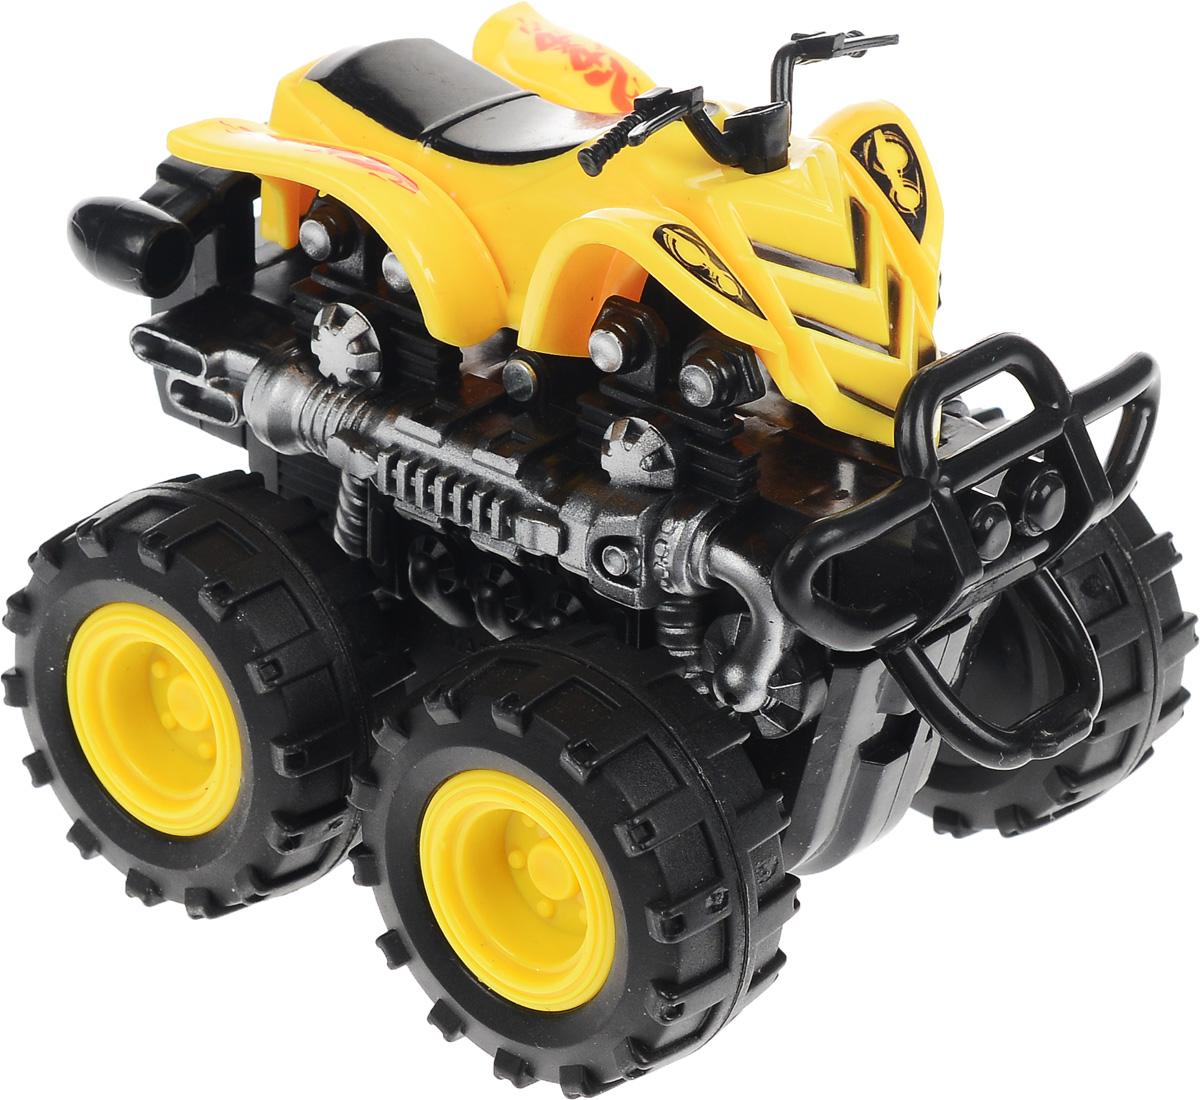 Big Motors Квадроцикл инерционный 4 WD цвет желтый806B_желтый, черныйКвадроцикл инерционный Big Motors 4WD станет любимой игрушкой вашего малыша. Игрушка представляет собой мощный квадроцикл с большими колесами. Машинка оснащена инерционным механизмом. Достаточно немного подтолкнуть машинку вперед или назад, а затем отпустить, и она сама поедет в ту же сторону. Ваш ребенок будет увлеченно играть с этим квадроциклом, придумывая различные истории. Порадуйте его таким замечательным подарком!